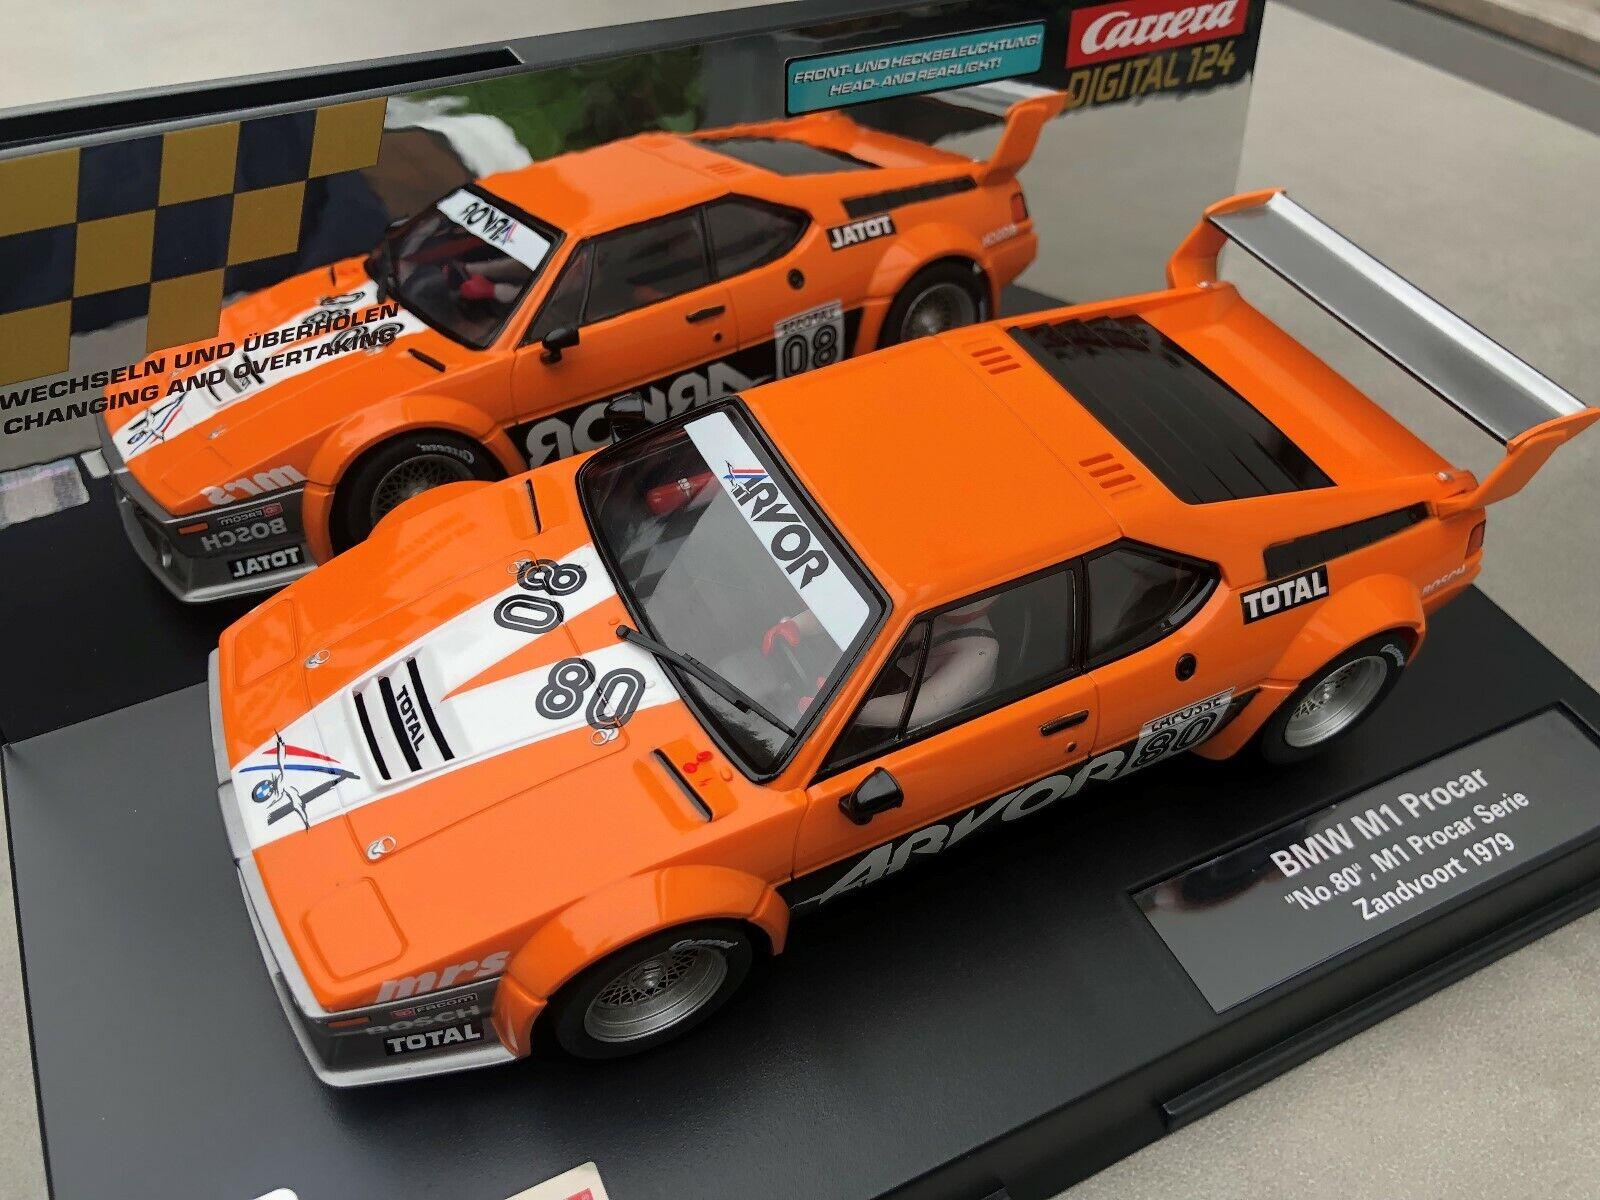 CARRERA DIGITAL 124 20023872 23872 BMW M1 Procar  No. 80, M1 Zandvoort 1979 NEU